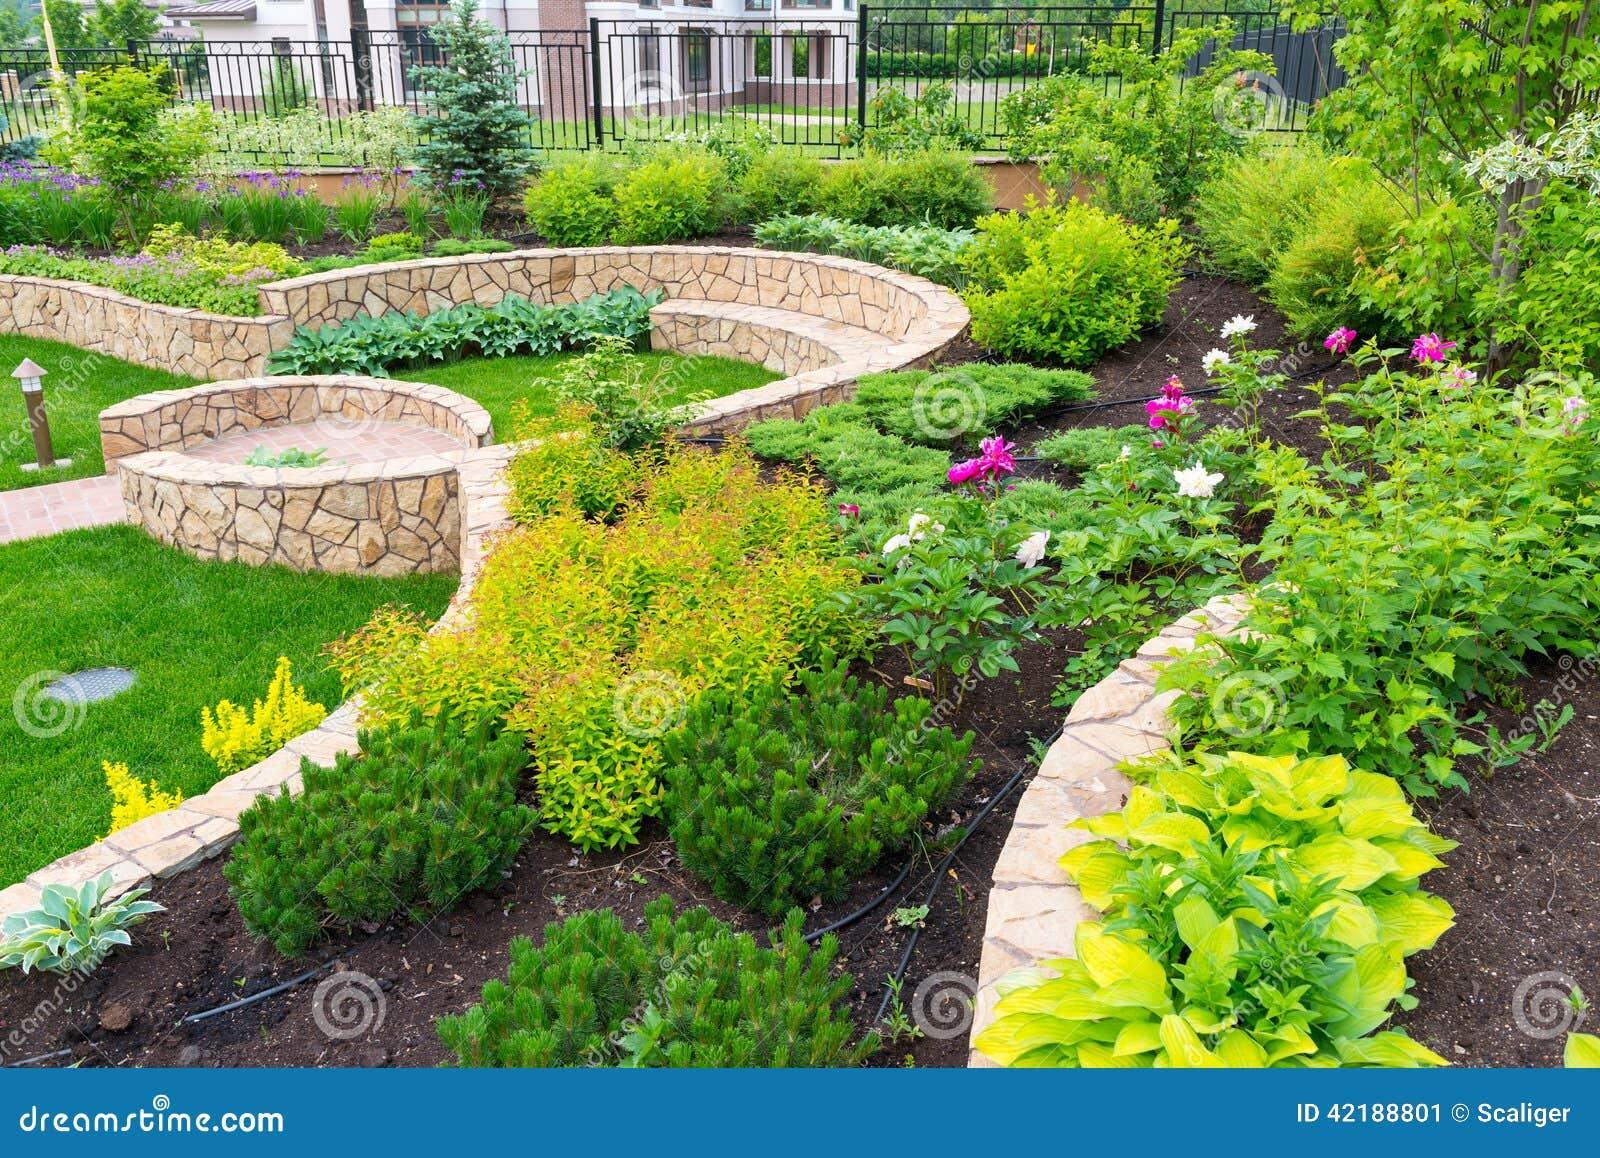 Landschaftsgestaltung | Möbelideen Garten Landschaft Gestaltung Wald